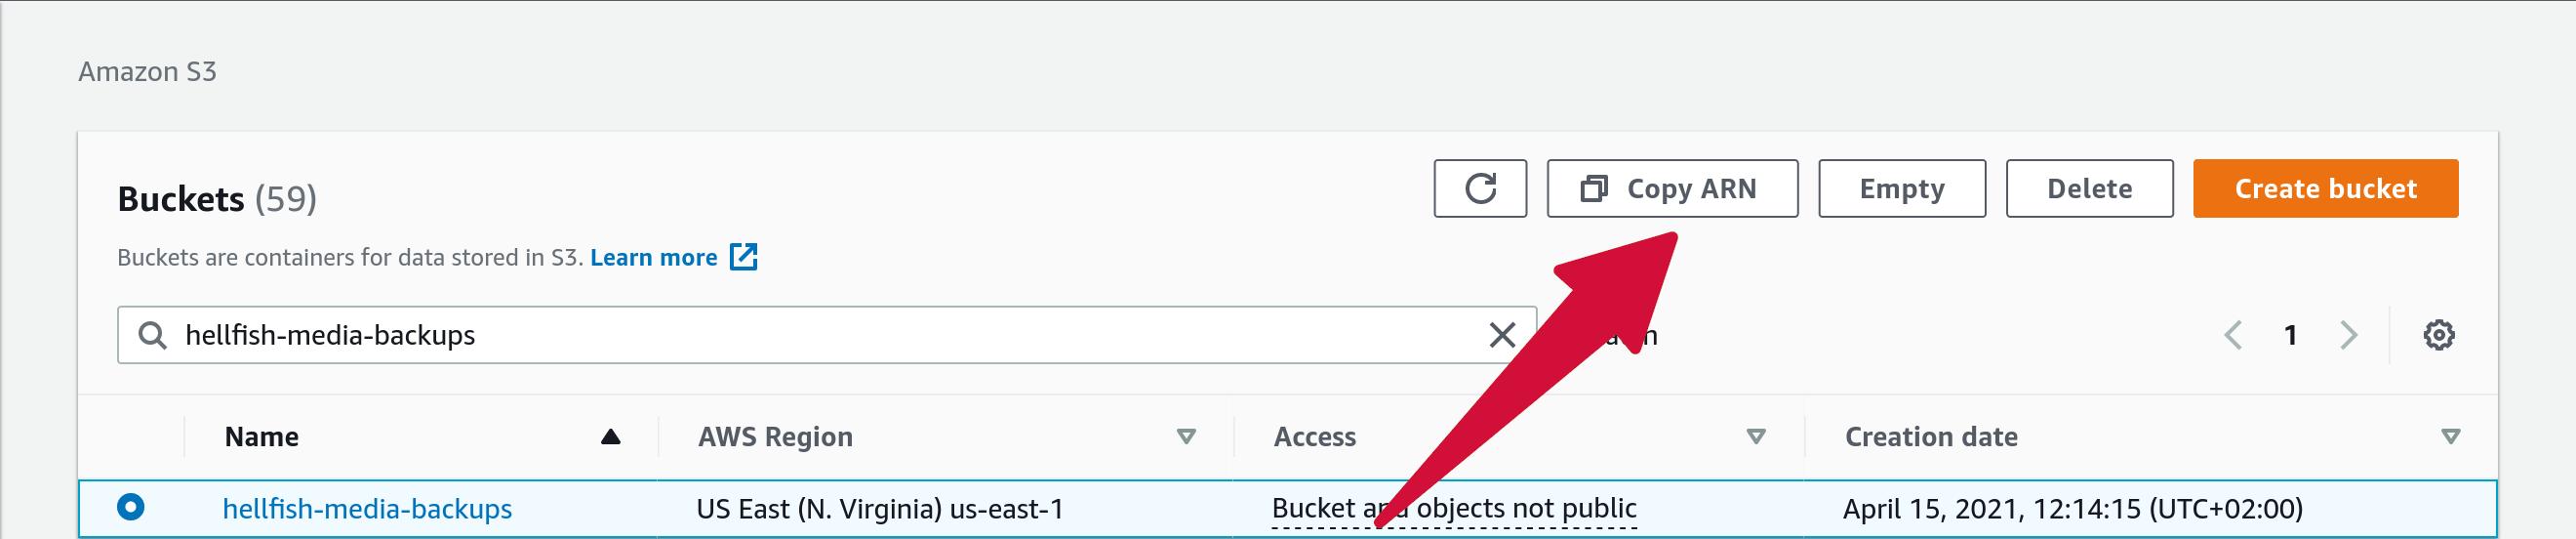 Amazon S3 Bucket Select ARN